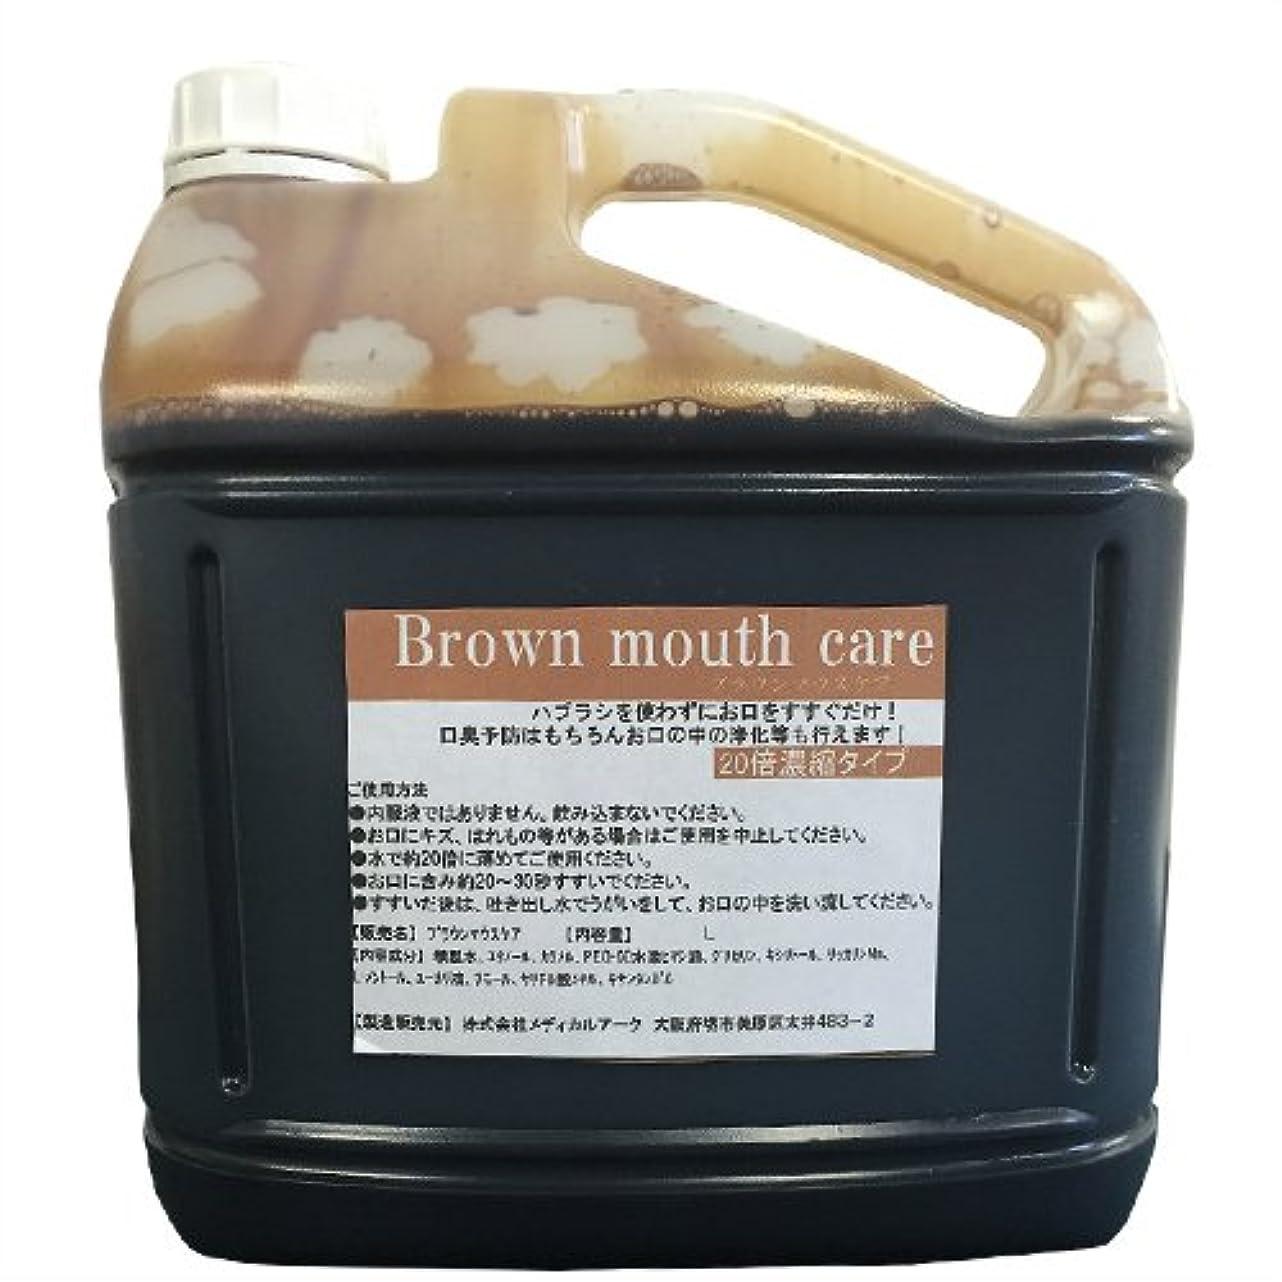 持参どきどき鎖業務用洗口液 ガーグル ブラウンマウスケア (Brown mouth care) 20倍濃縮タイプ 5L (詰め替えコック付き)